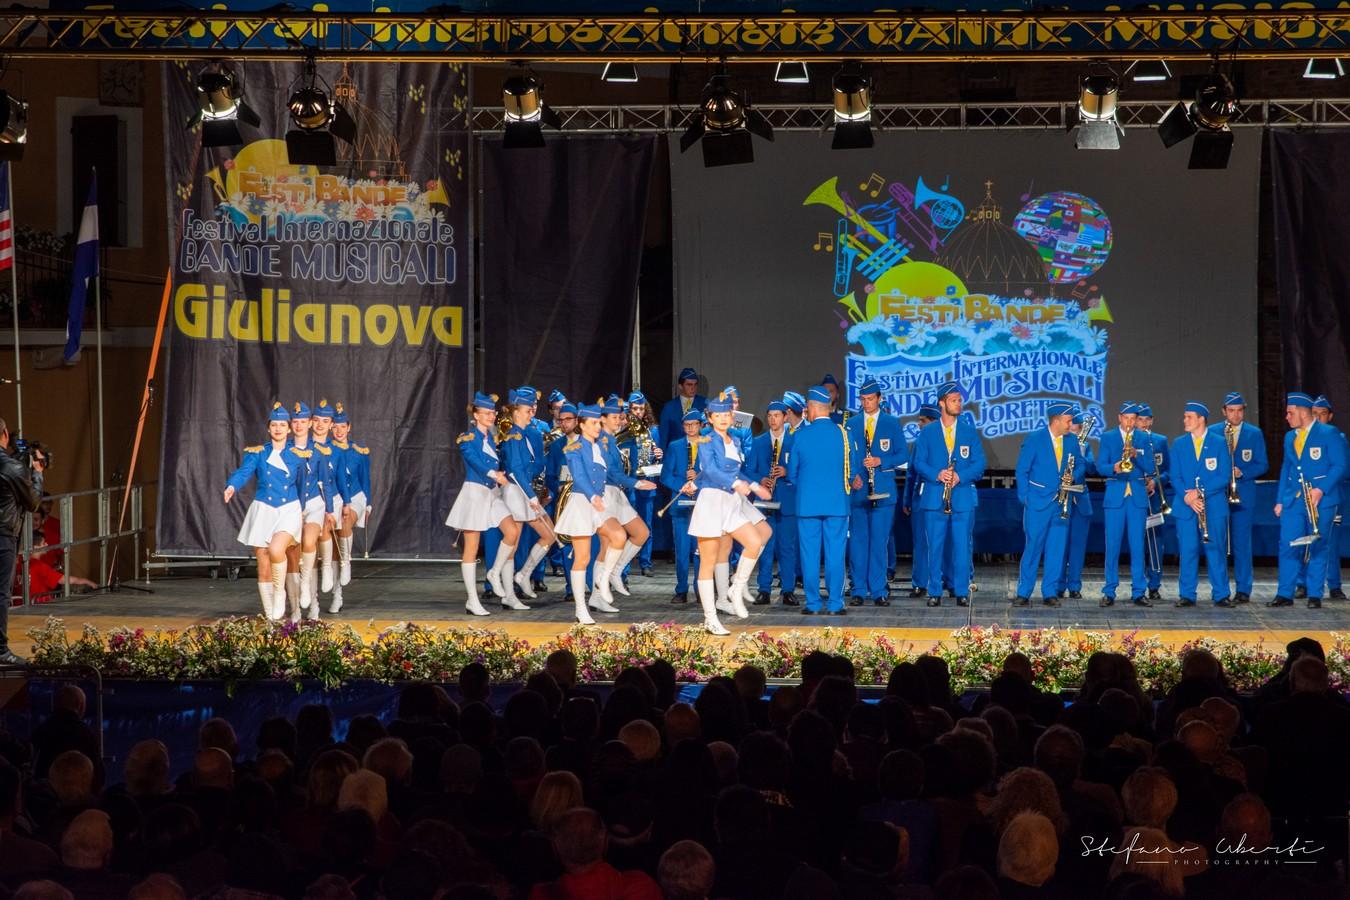 festival-bande-giulianova47